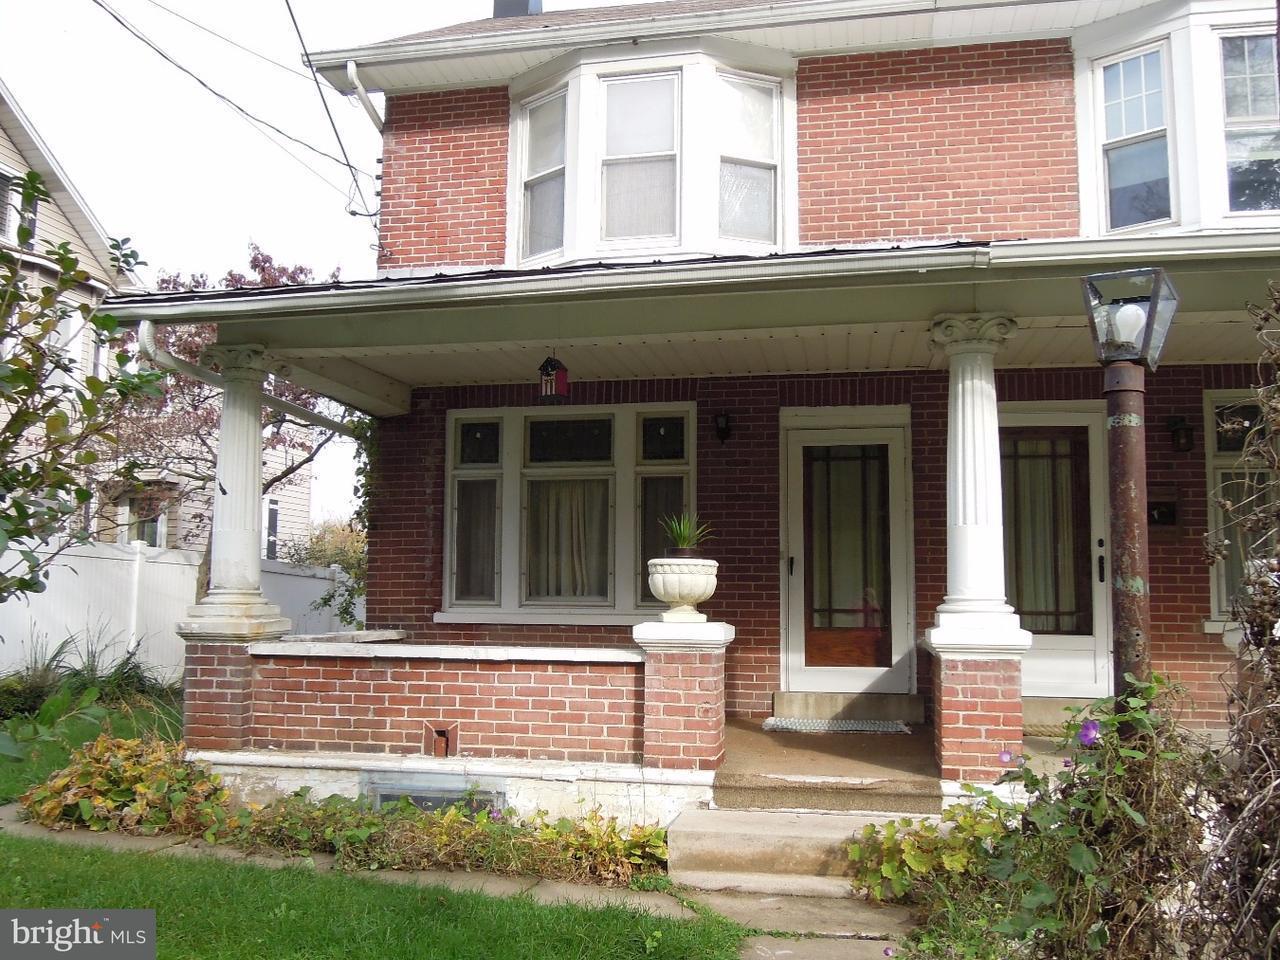 Casa unifamiliar adosada (Townhouse) por un Alquiler en 3669 HUCKLEBERRY Road Allentown, Pennsylvania 18104 Estados Unidos